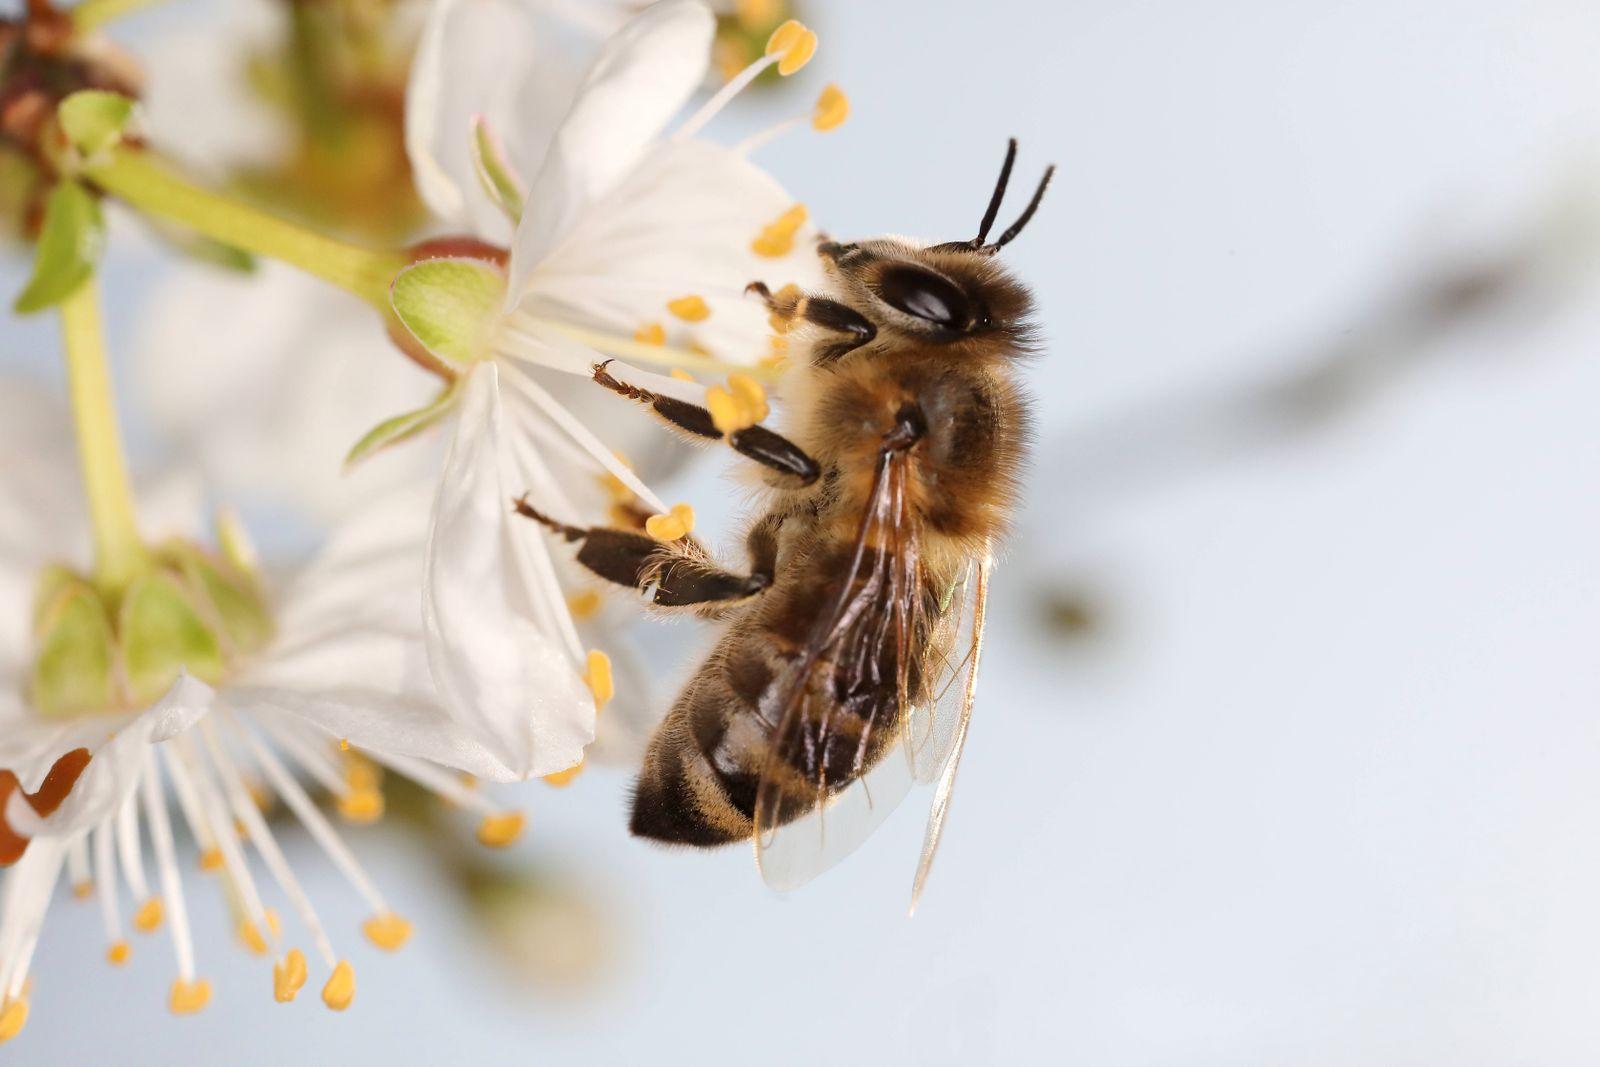 15.03.2020, Berlin, GER - Biene sitzt auf einer Kirschbluete. (Apis, Apis mellifera, aufgeblueht, aussen, Aussenaufnahme